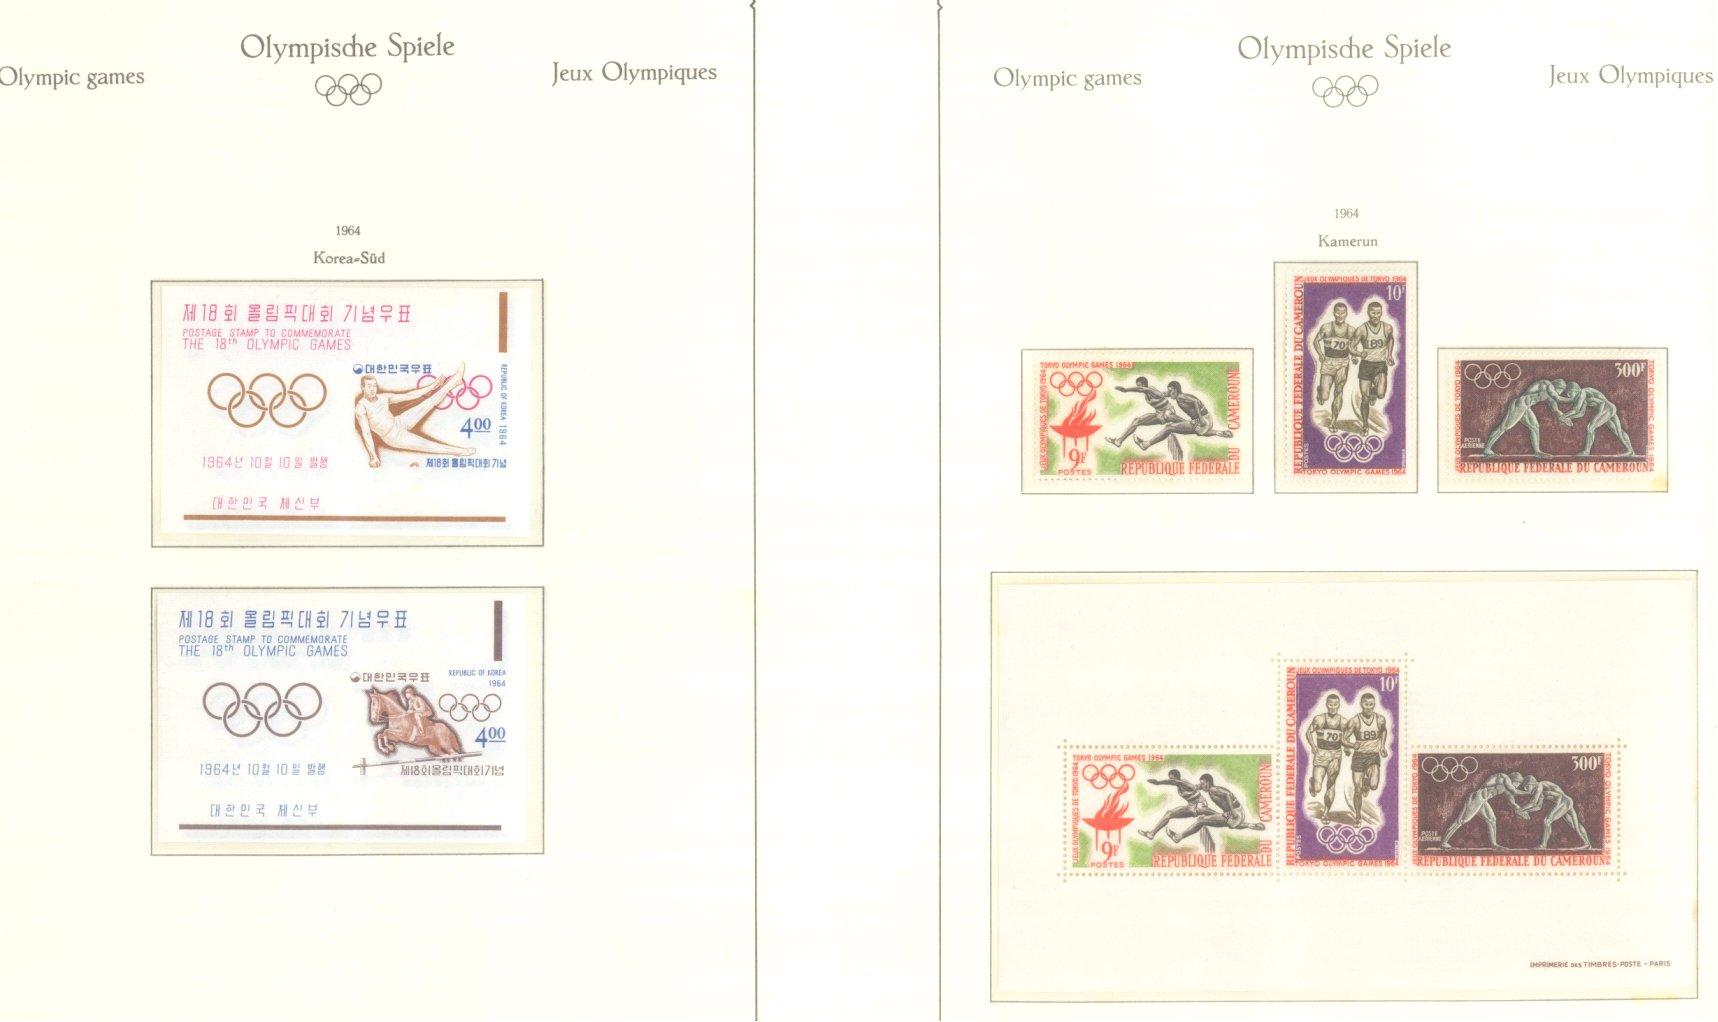 OLYMPISCHE SPIELE 1964 TOKIO, postfrische Sammlung Teil 1-36